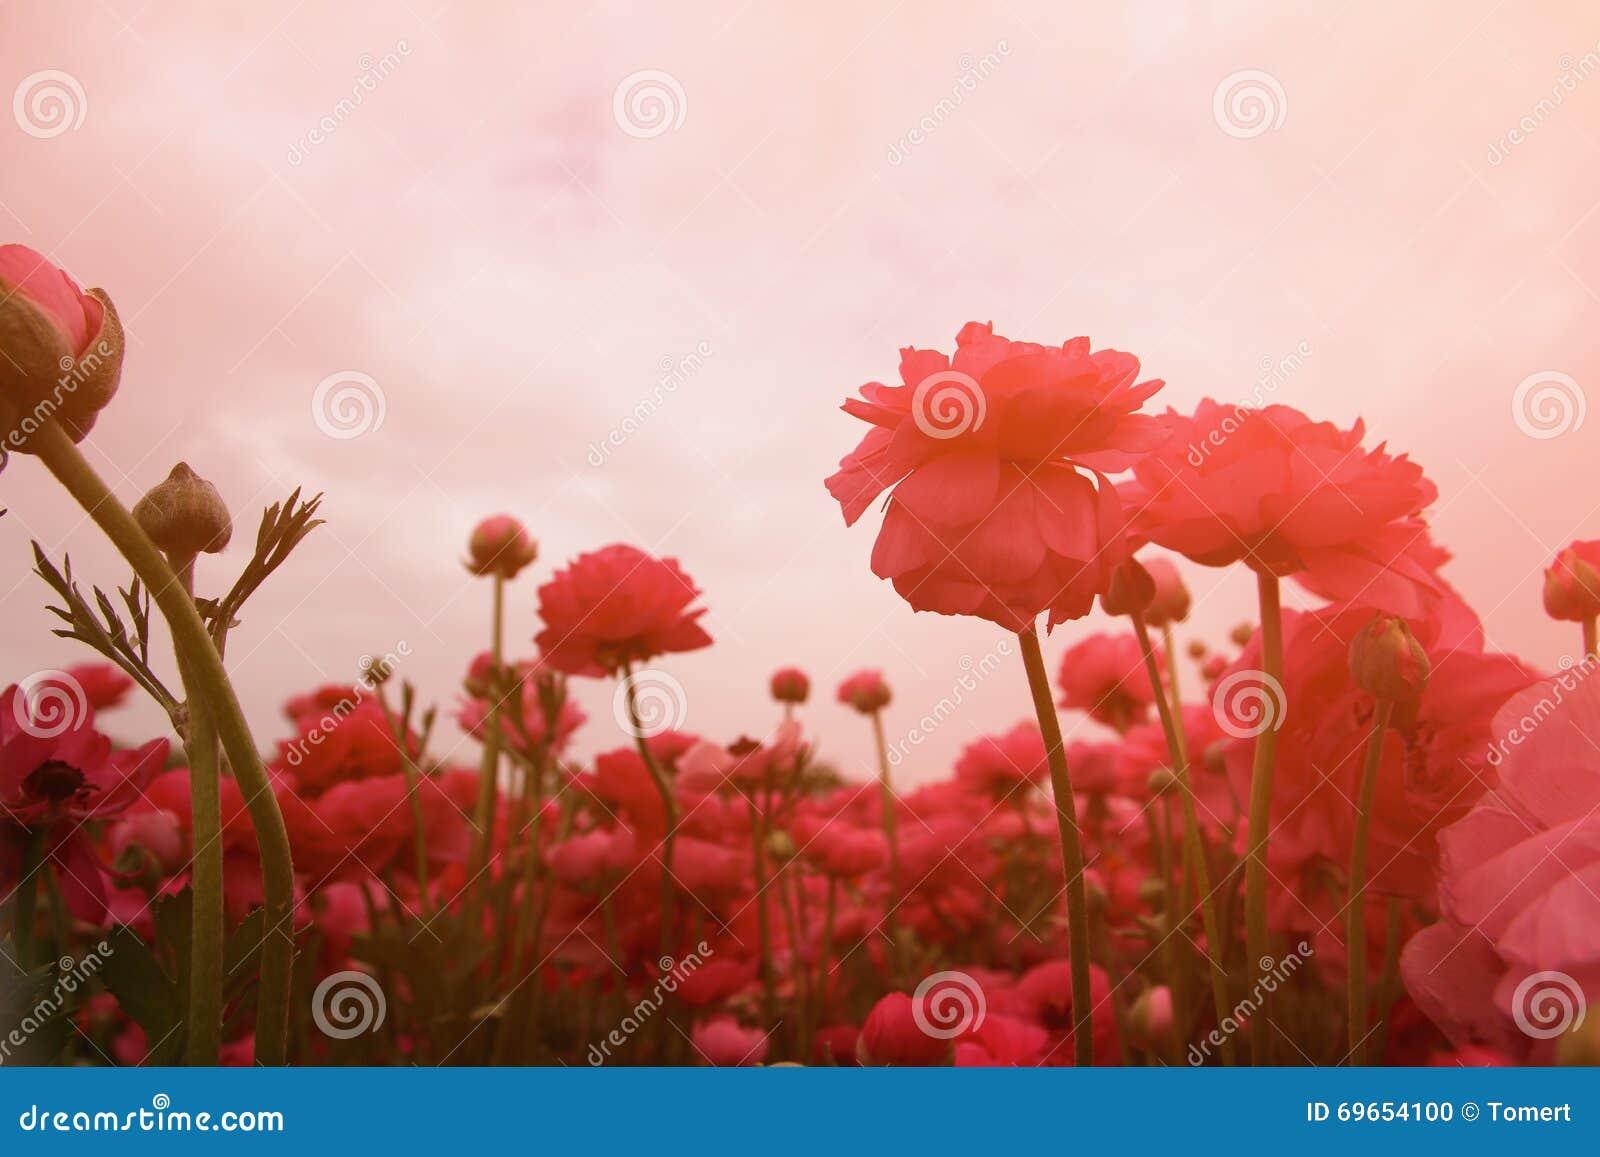 A foto abstrata e sonhadora com baixo ângulo de flores da mola contra o céu com luz estourou o vintage filtrado e tonificado